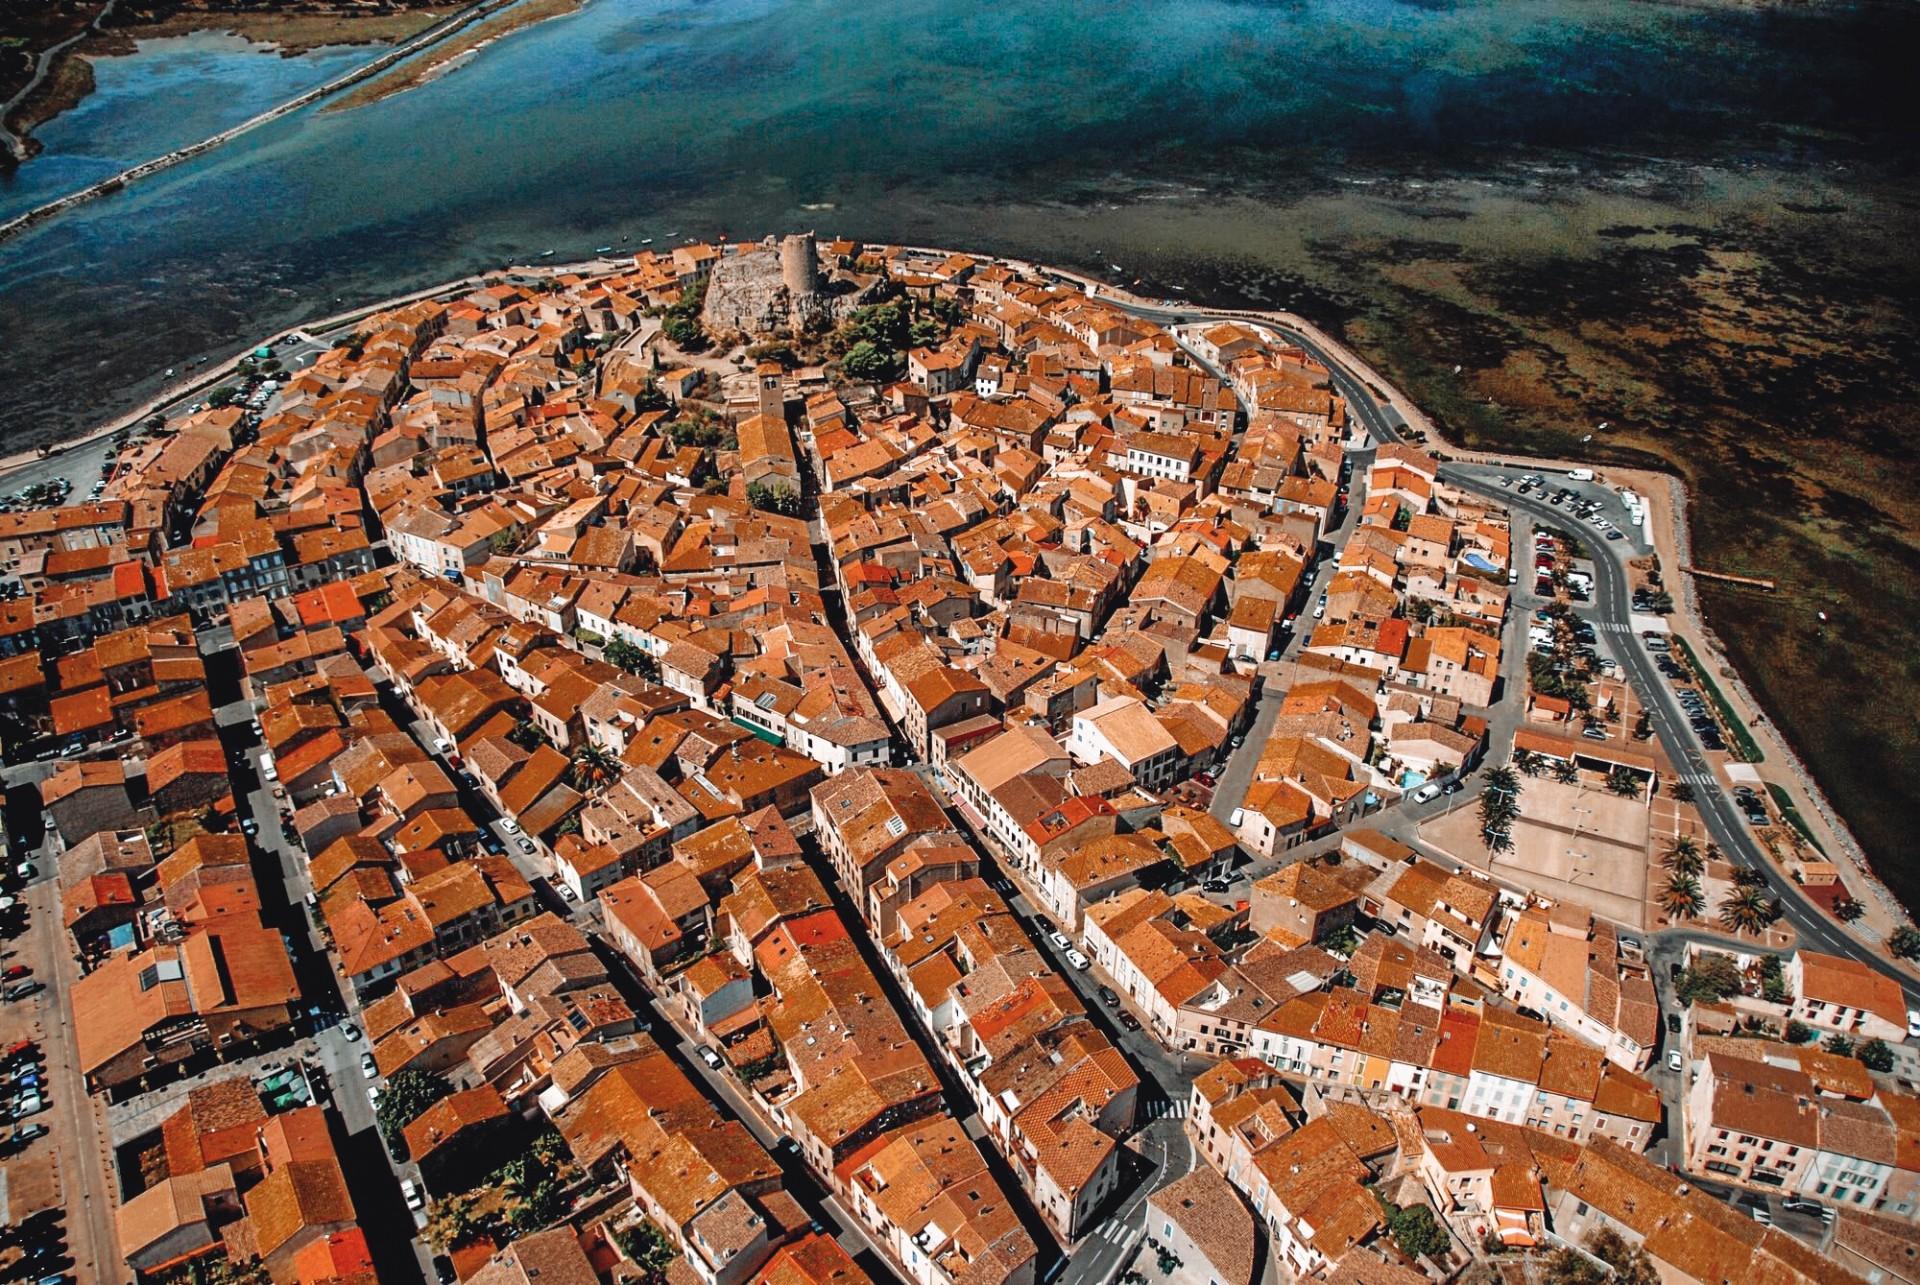 Le village médiéval en circulade